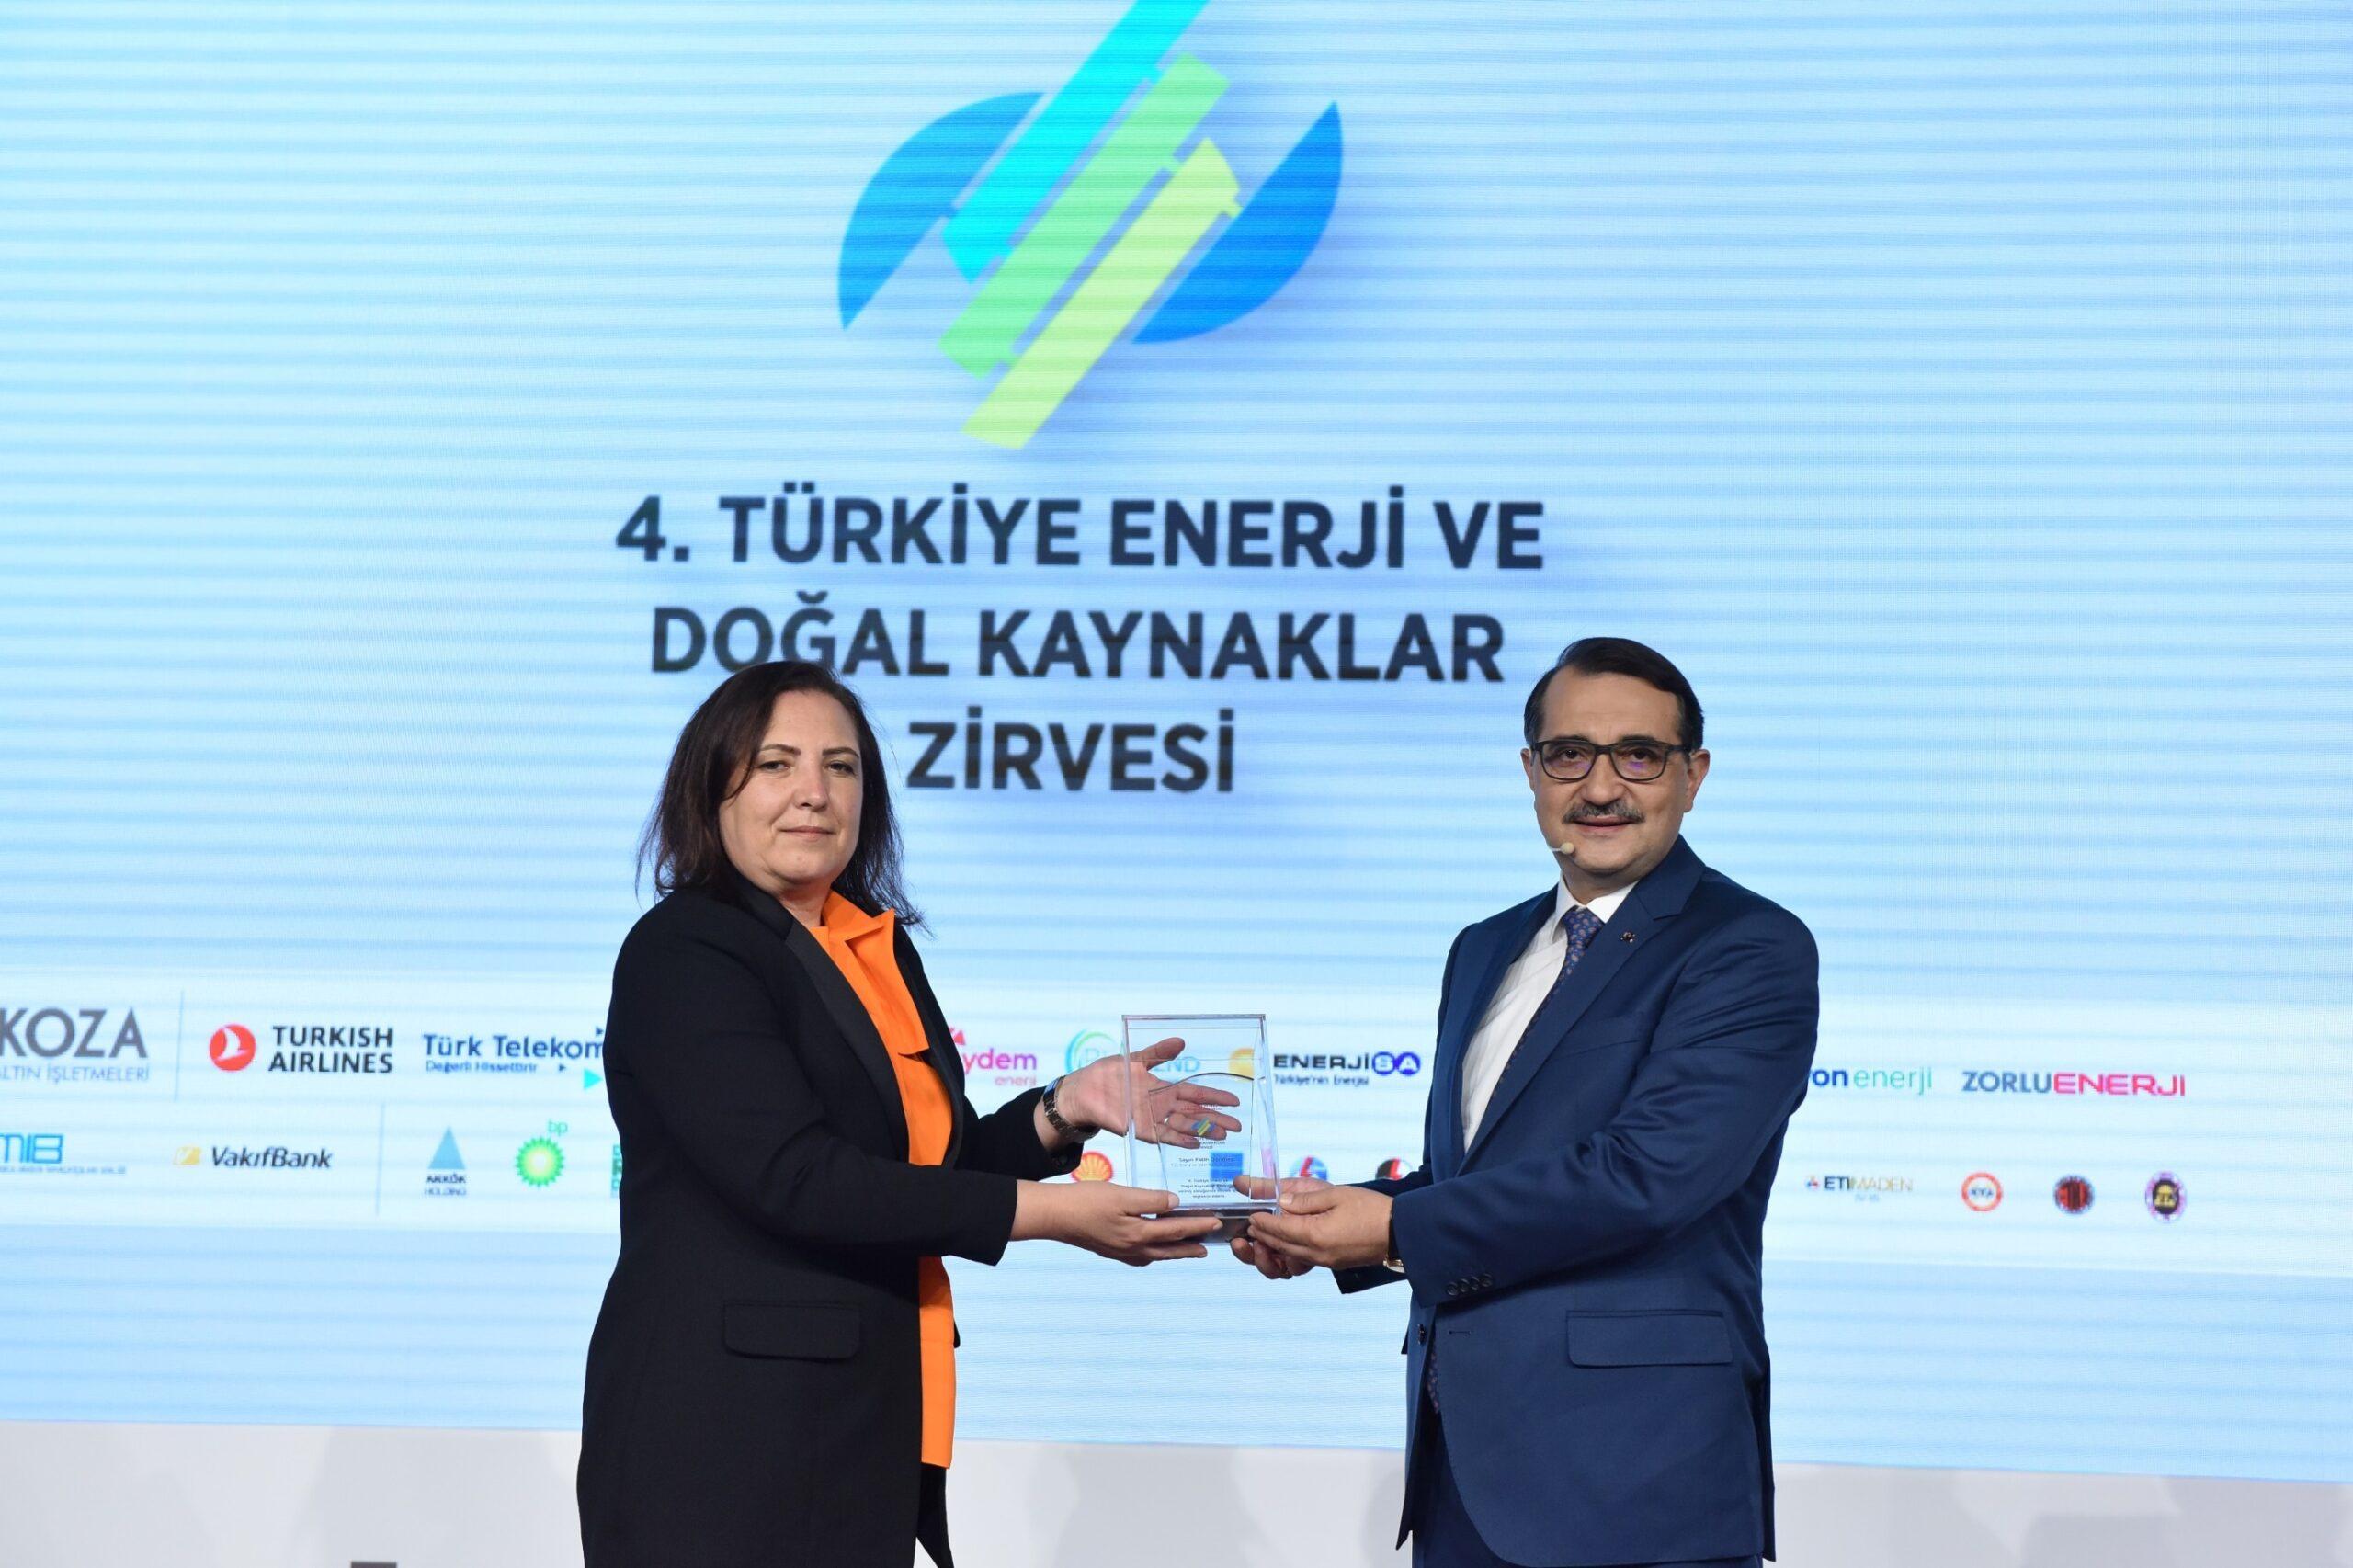 4. Türkiye Enerji ve Doğal Kaynaklar zirvesi